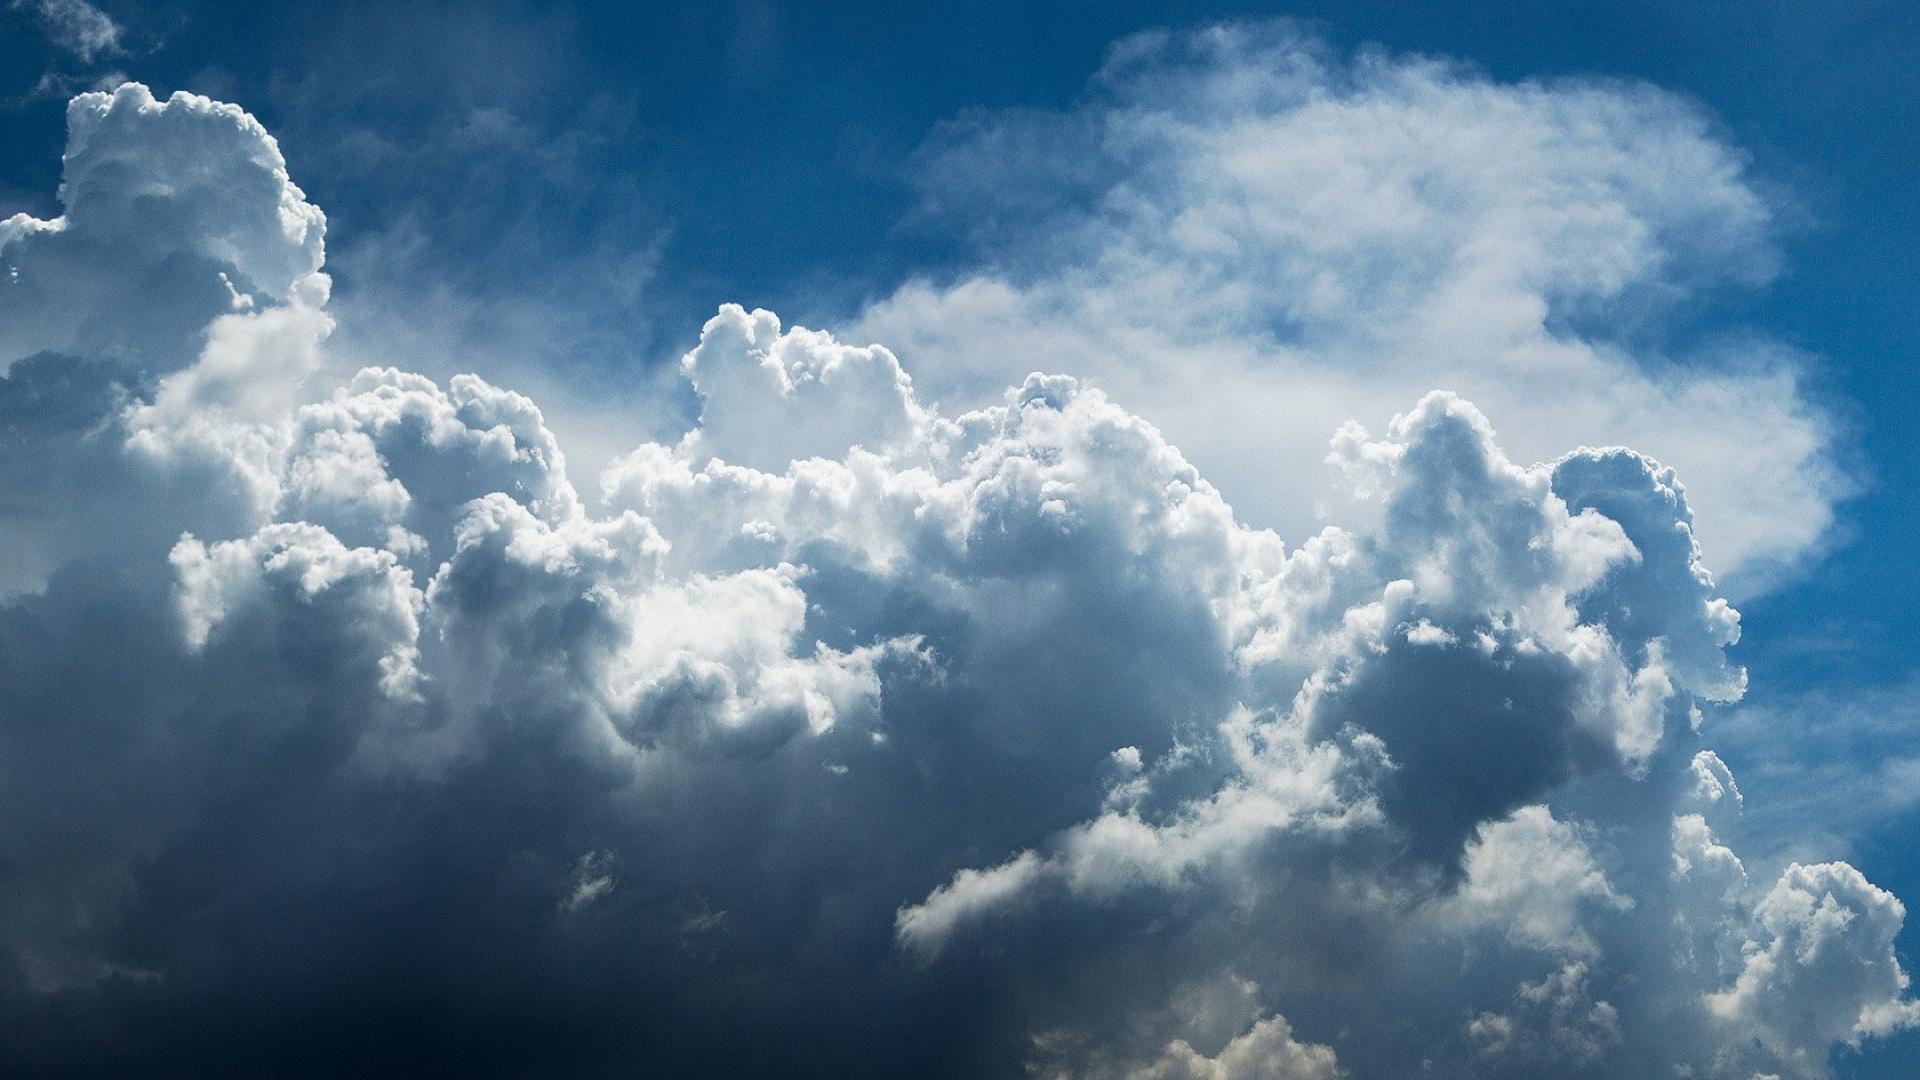 sky-clouds-sun-wallpaper-2.jpg (1920×1080) | NAND245 Infiniement grand |  Pinterest | Hd backgrounds, Cloud and Blue sky clouds